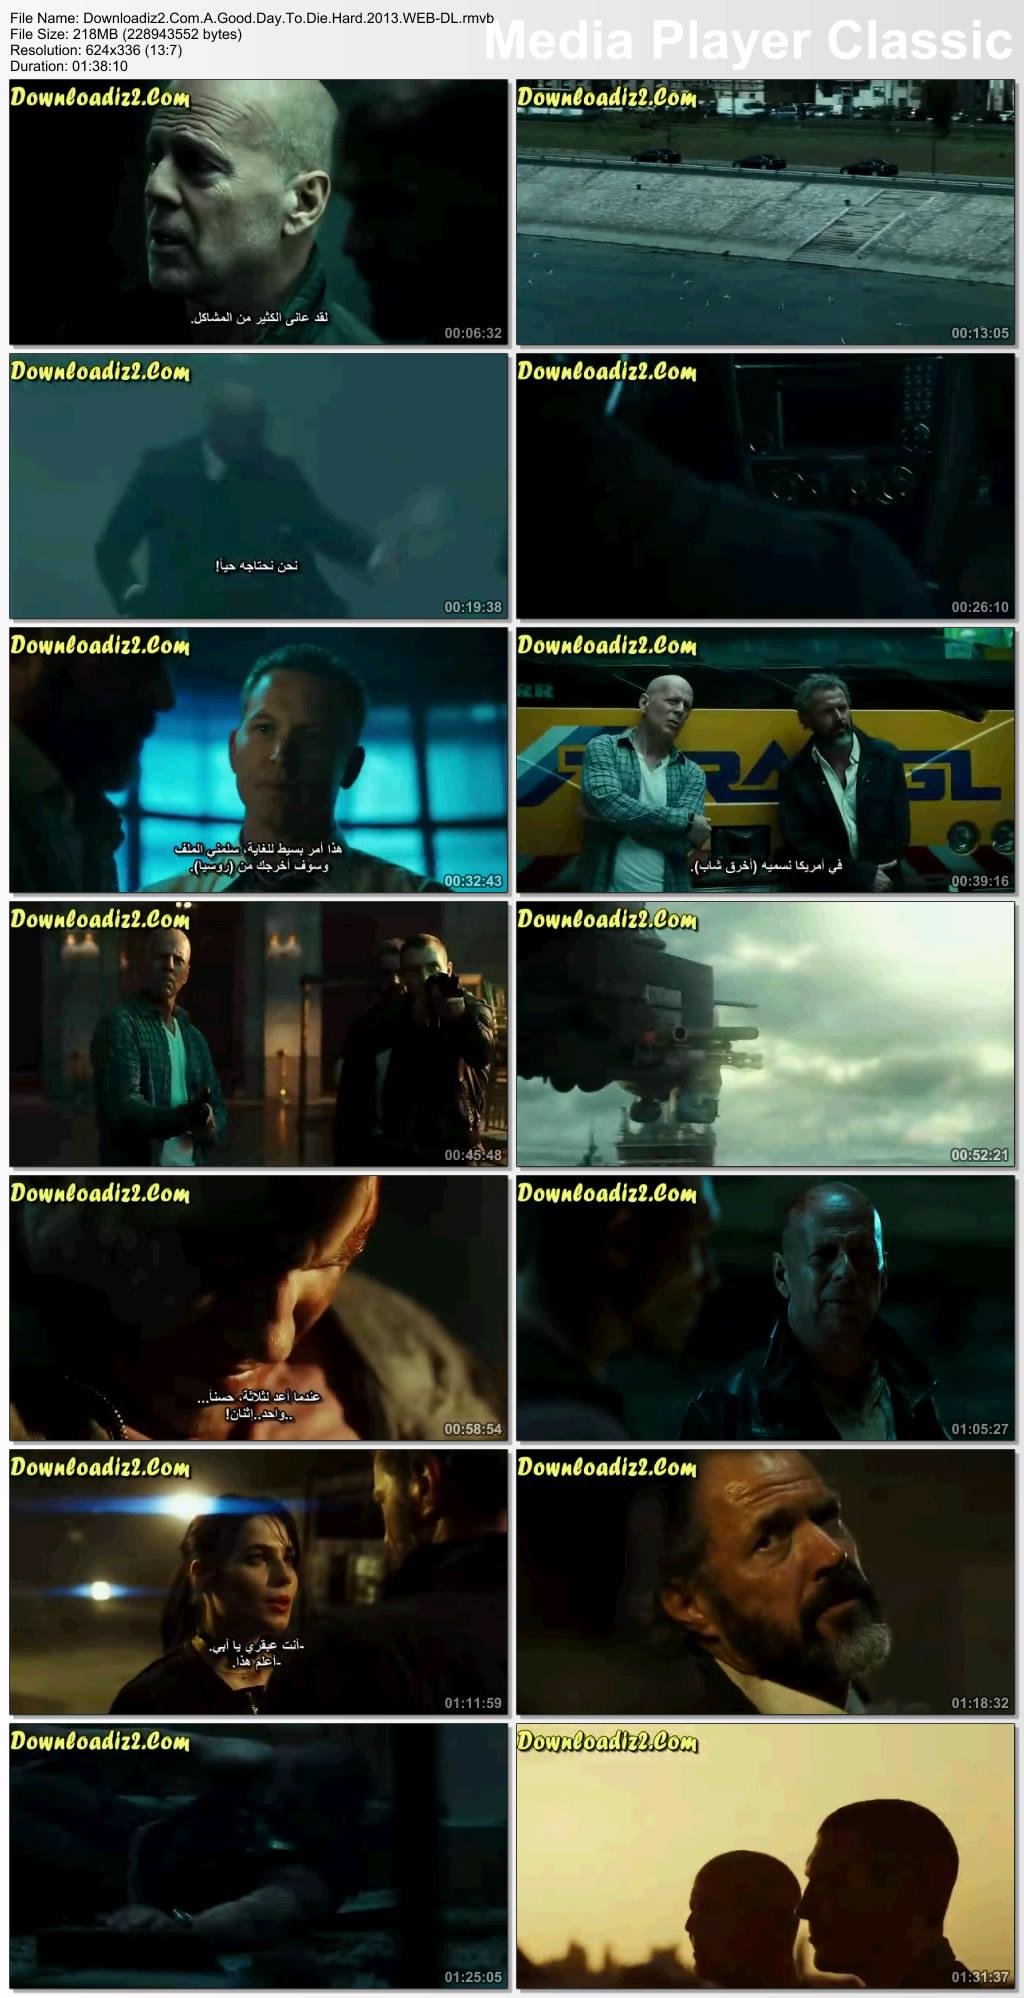 تحميل ومشاهدة فيلم A Good Day to Die Hard للكبار فقط احترس 94451754010992187376.jpg